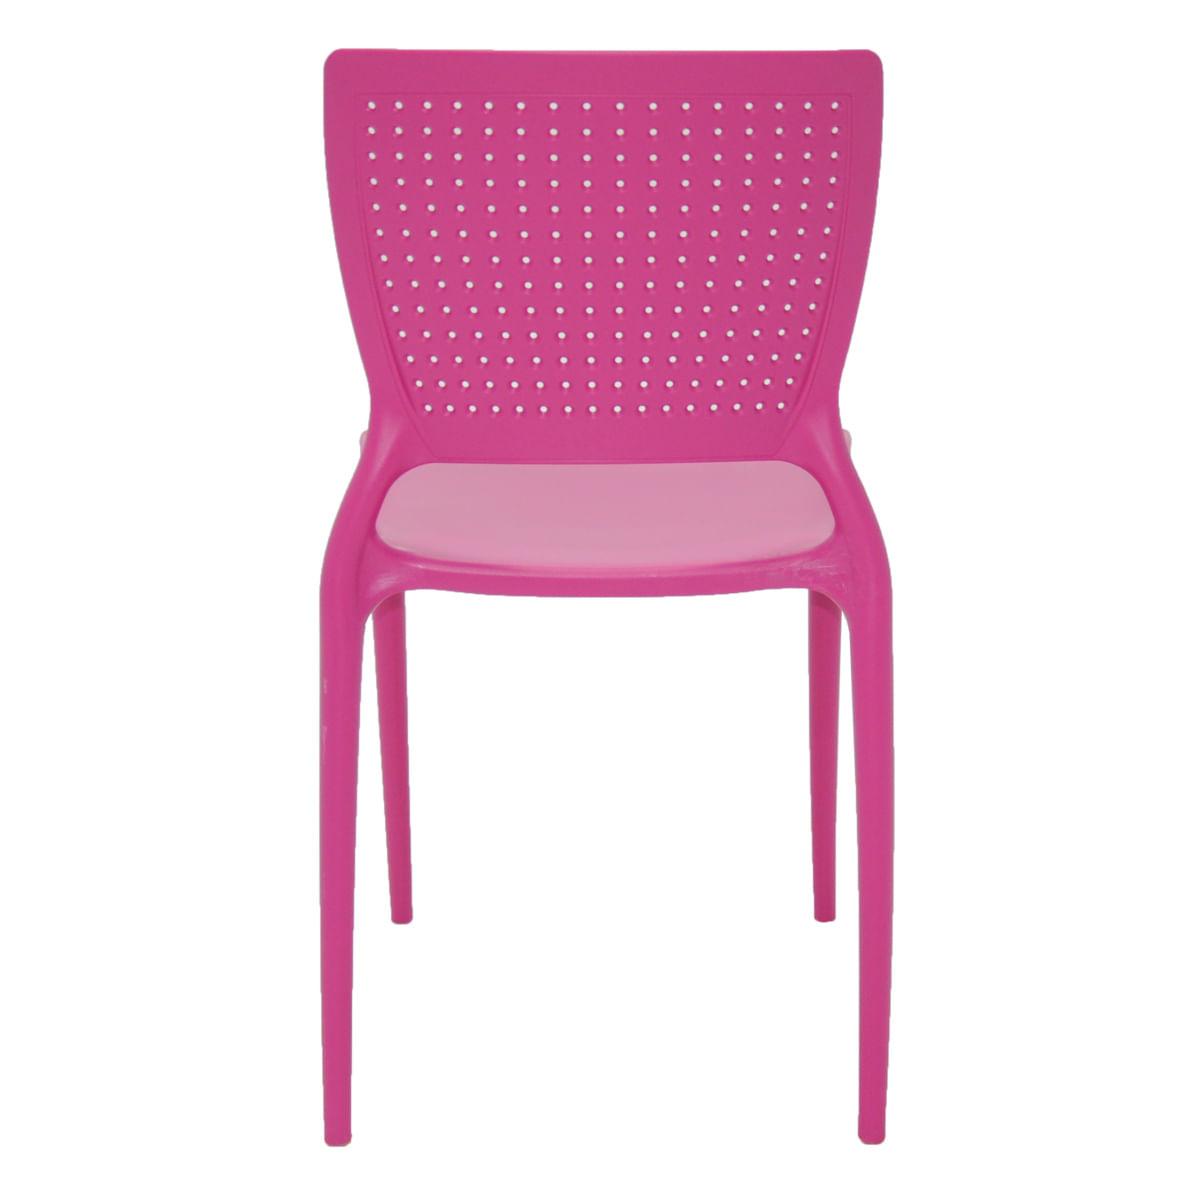 Cadeira Tramontina Safira Rosa em Polipropileno e Fibra de Vidro